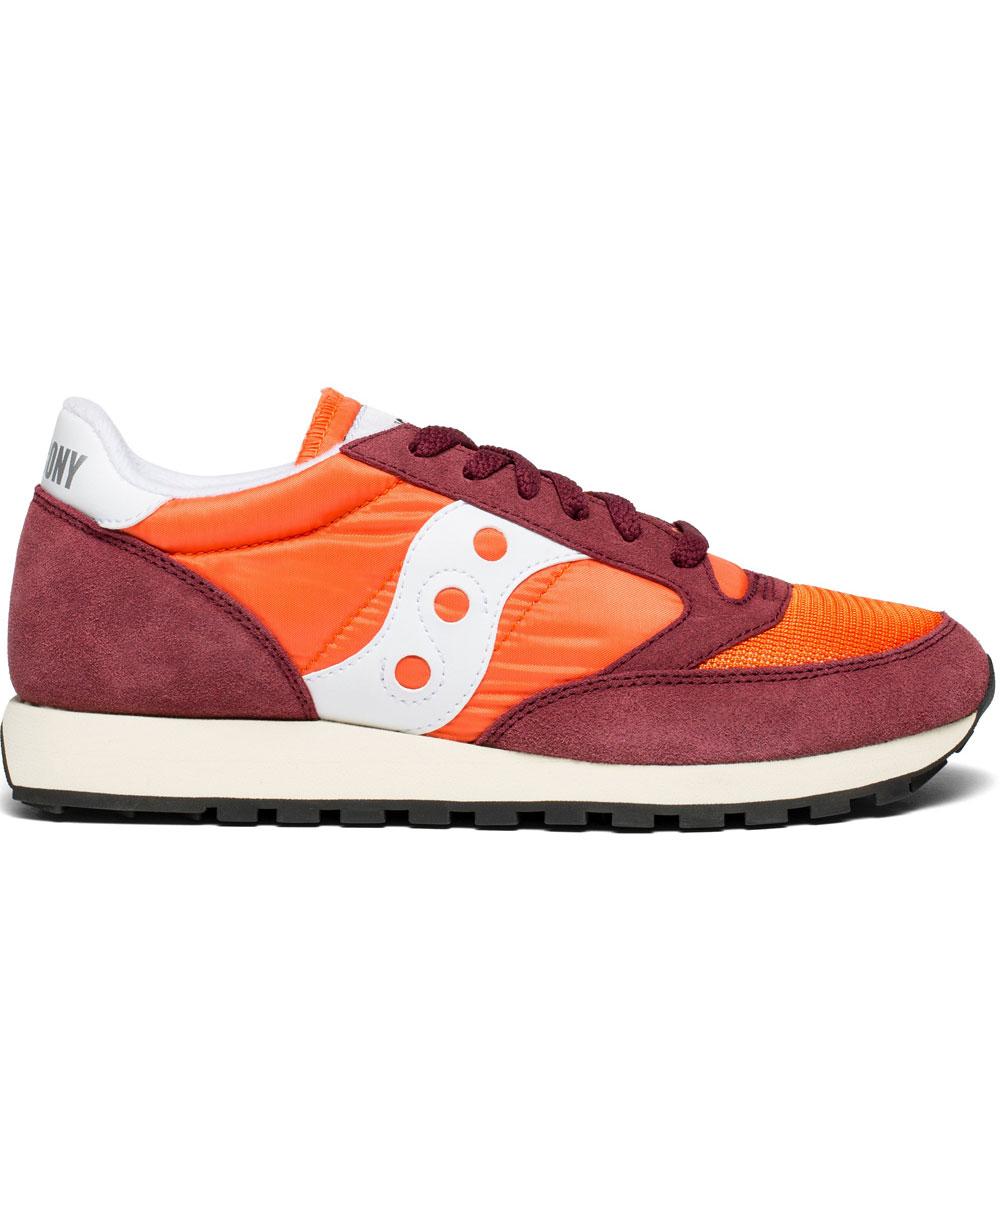 fc5cdfdf Saucony Jazz Original Vintage Zapatos Sneakers para Hombre Flame/Moon